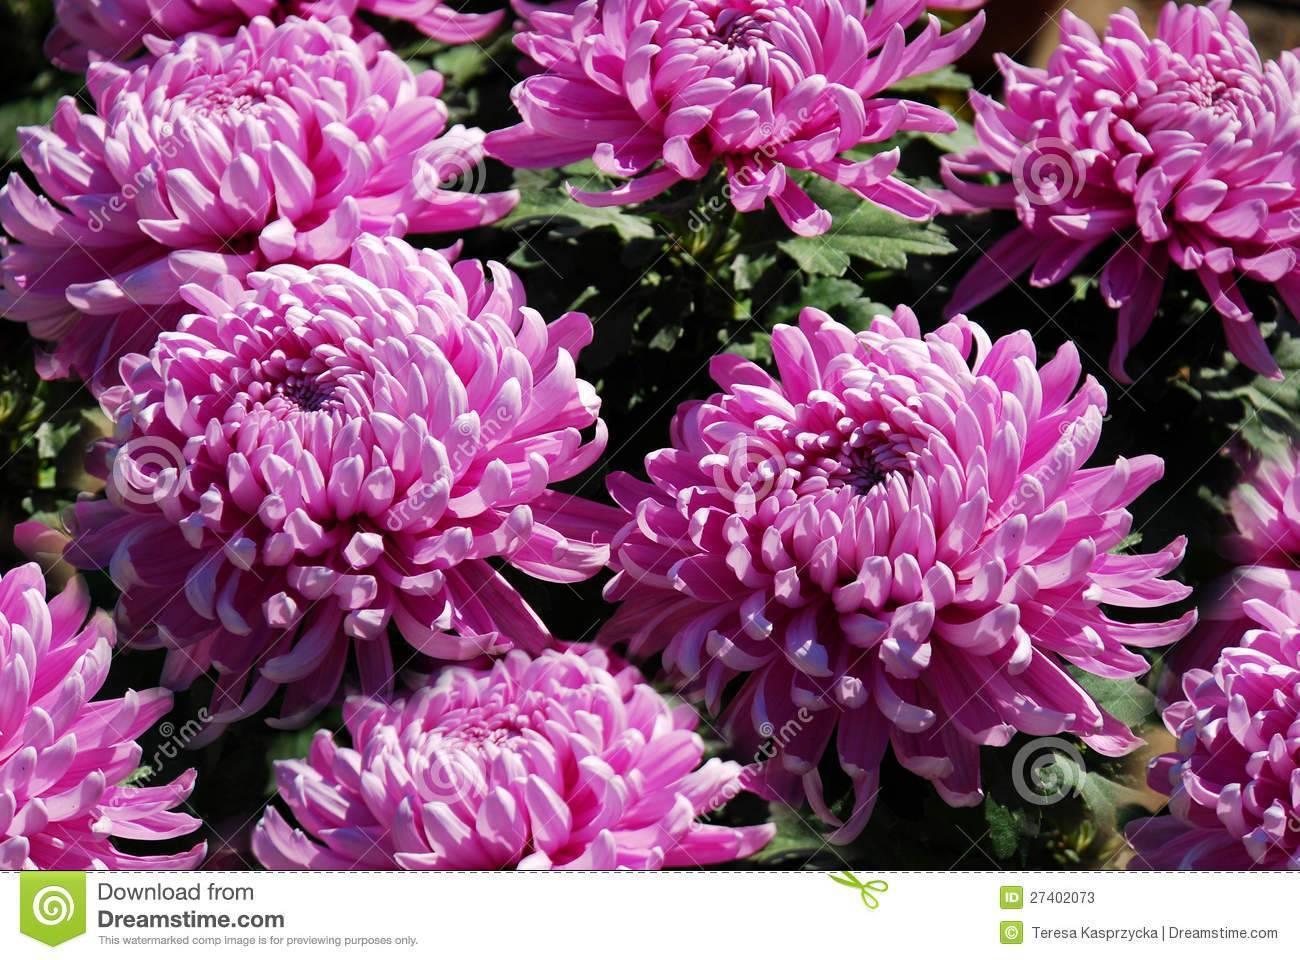 Хризантема домашняя: описание, сорта, выращивание в горшках, уход и размножение, возможные болезни (40+ фото & видео) +отзывы